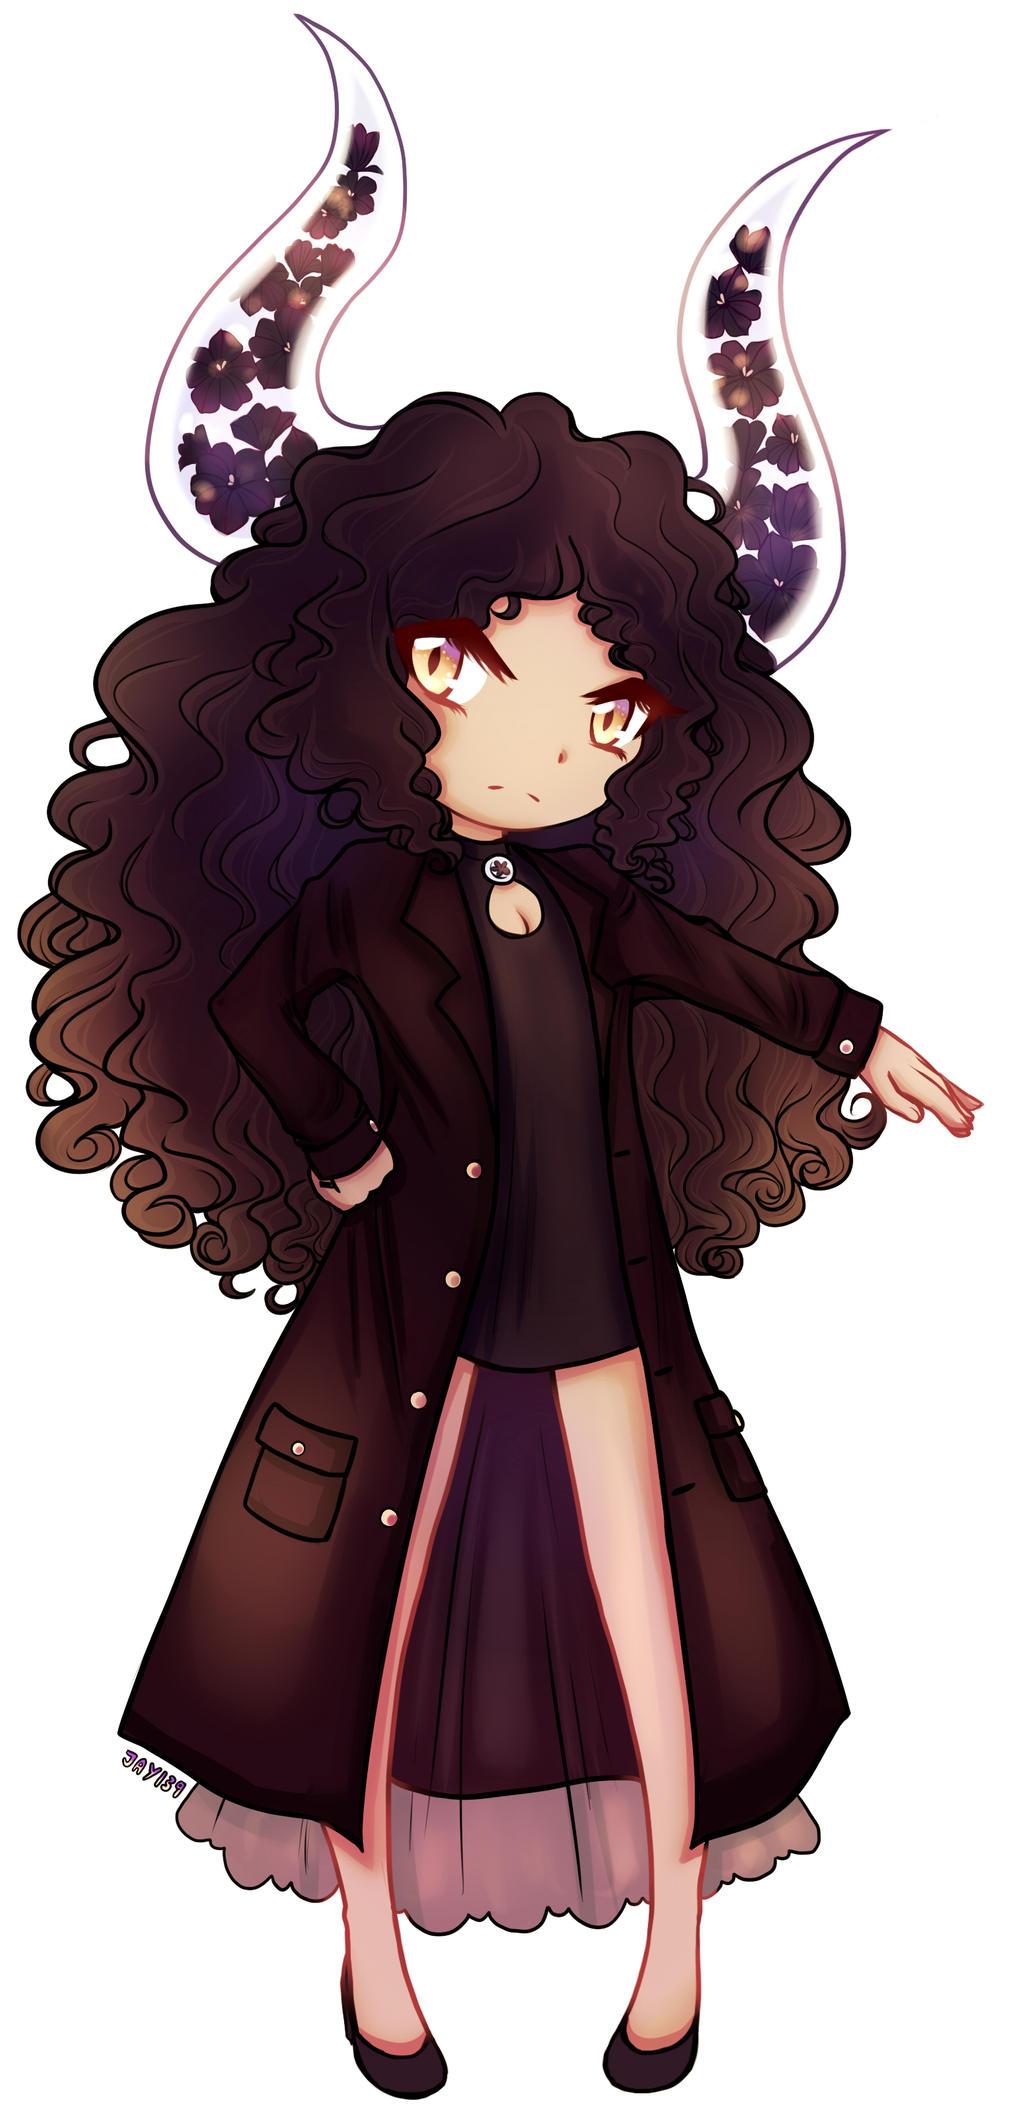 Kieto by Jade-Hearts-Art